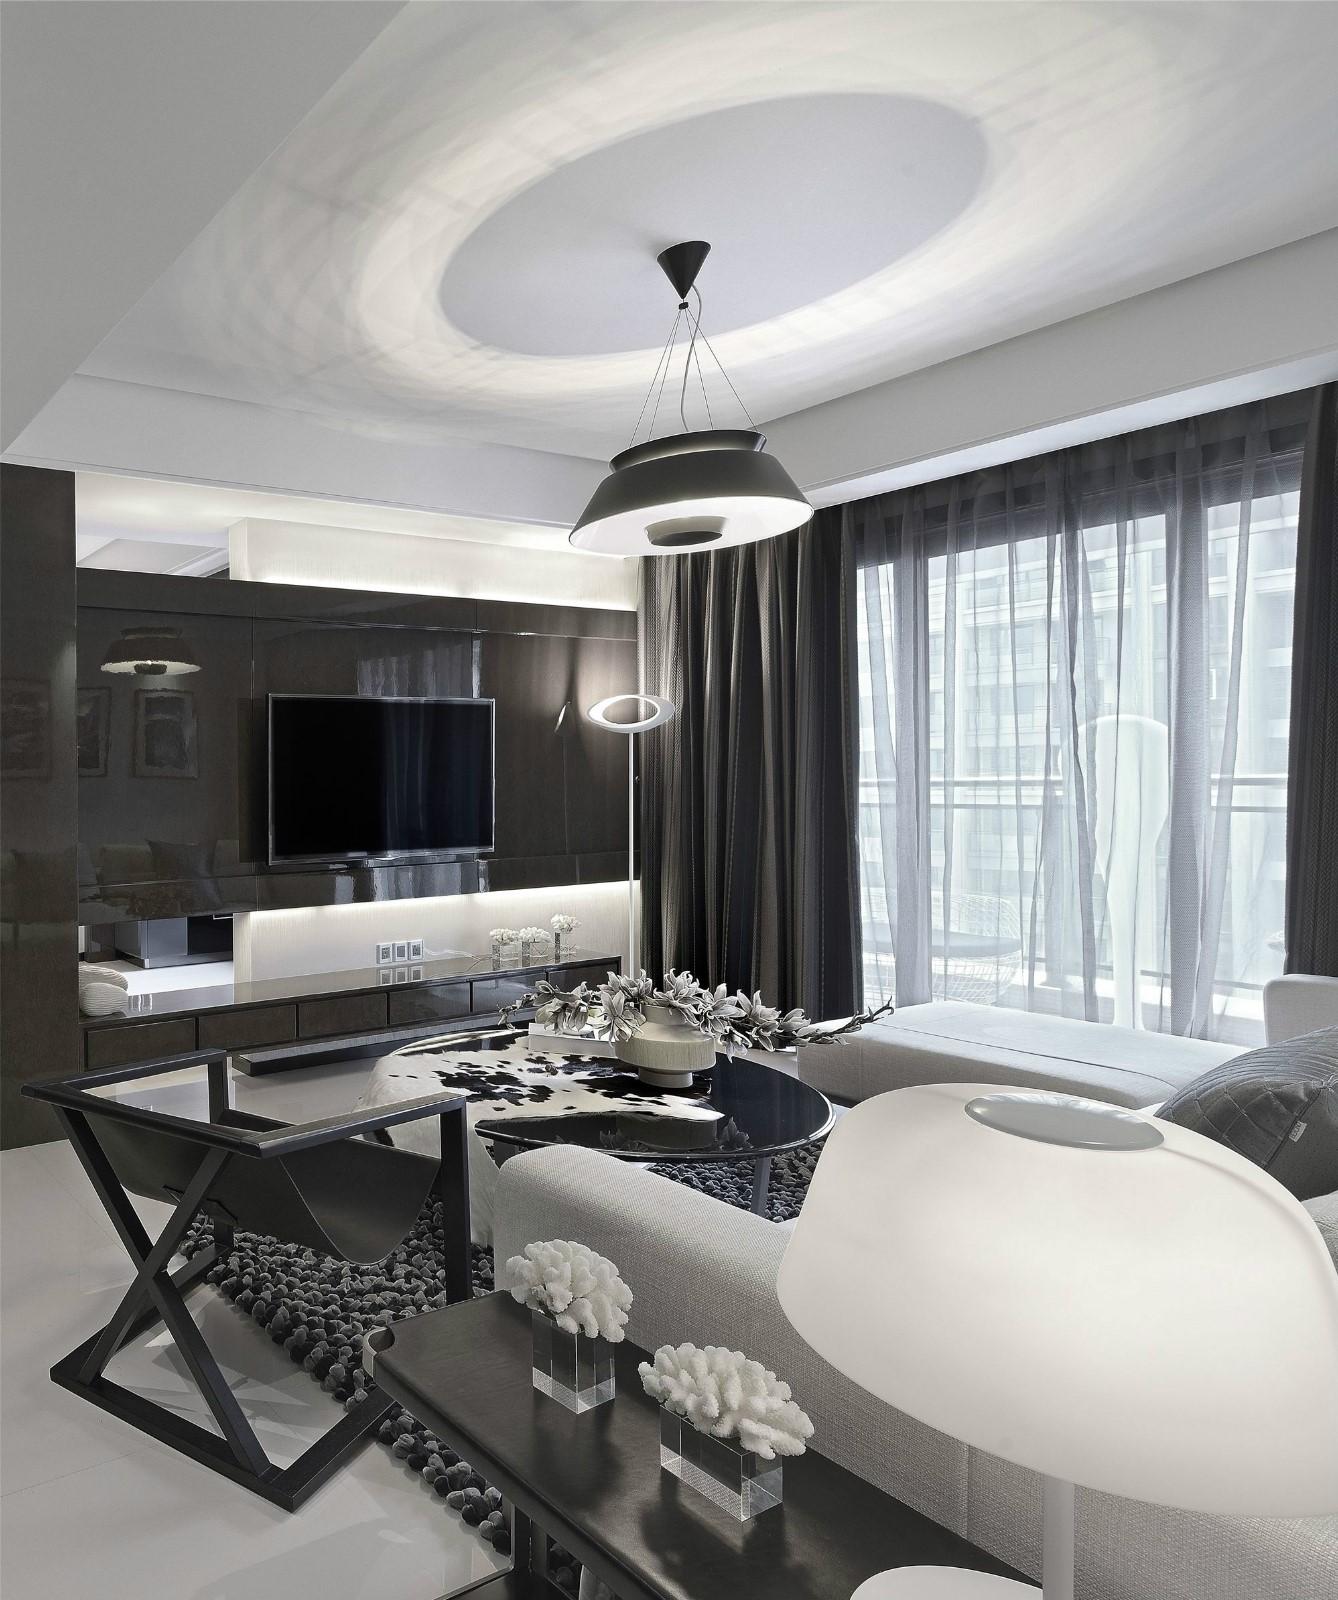 二居室现代风格客厅装修效果图